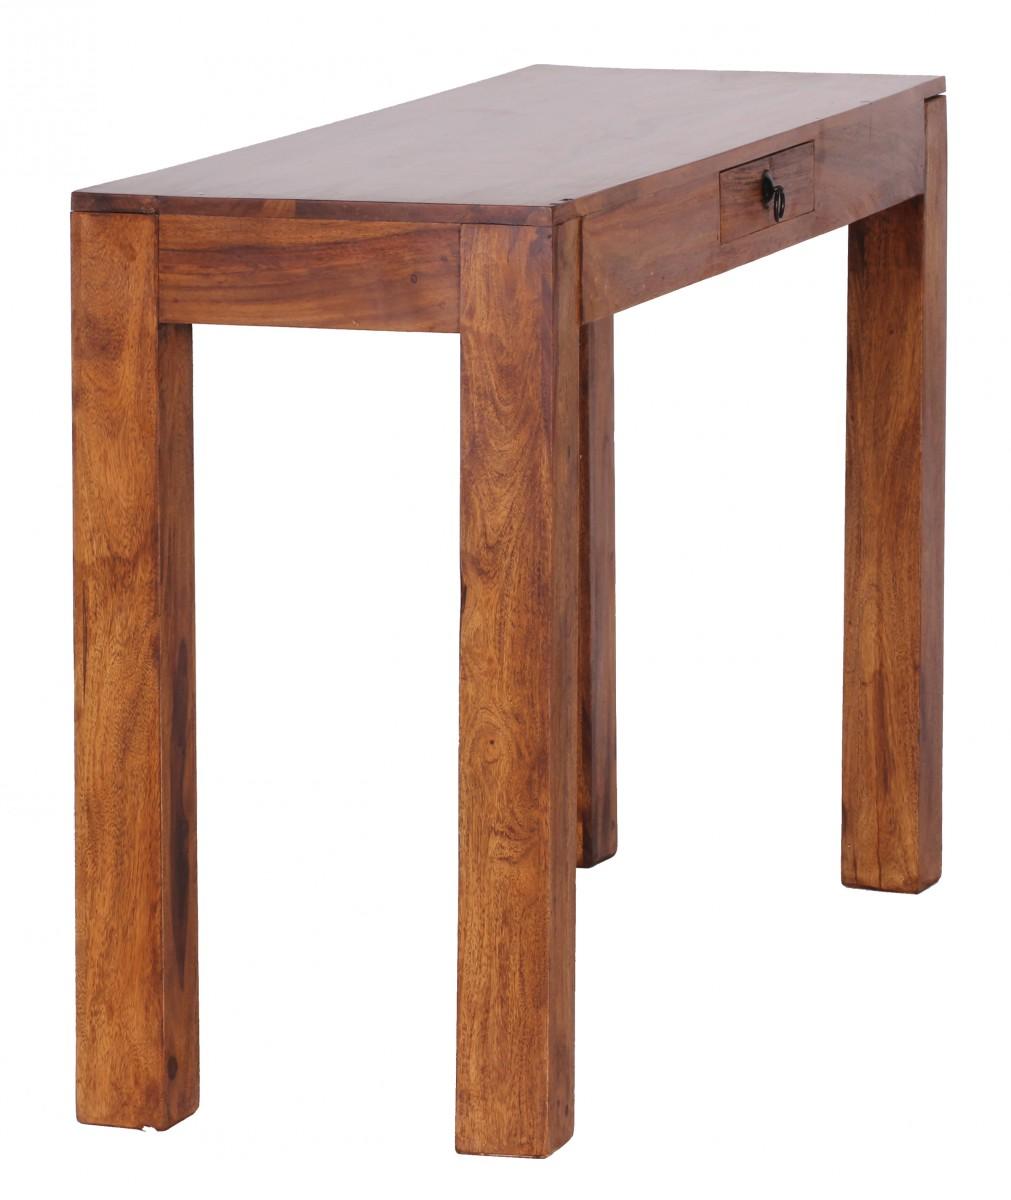 Wohnling palissandre table console solides 120 cm avec 1 for Table console avec tiroir